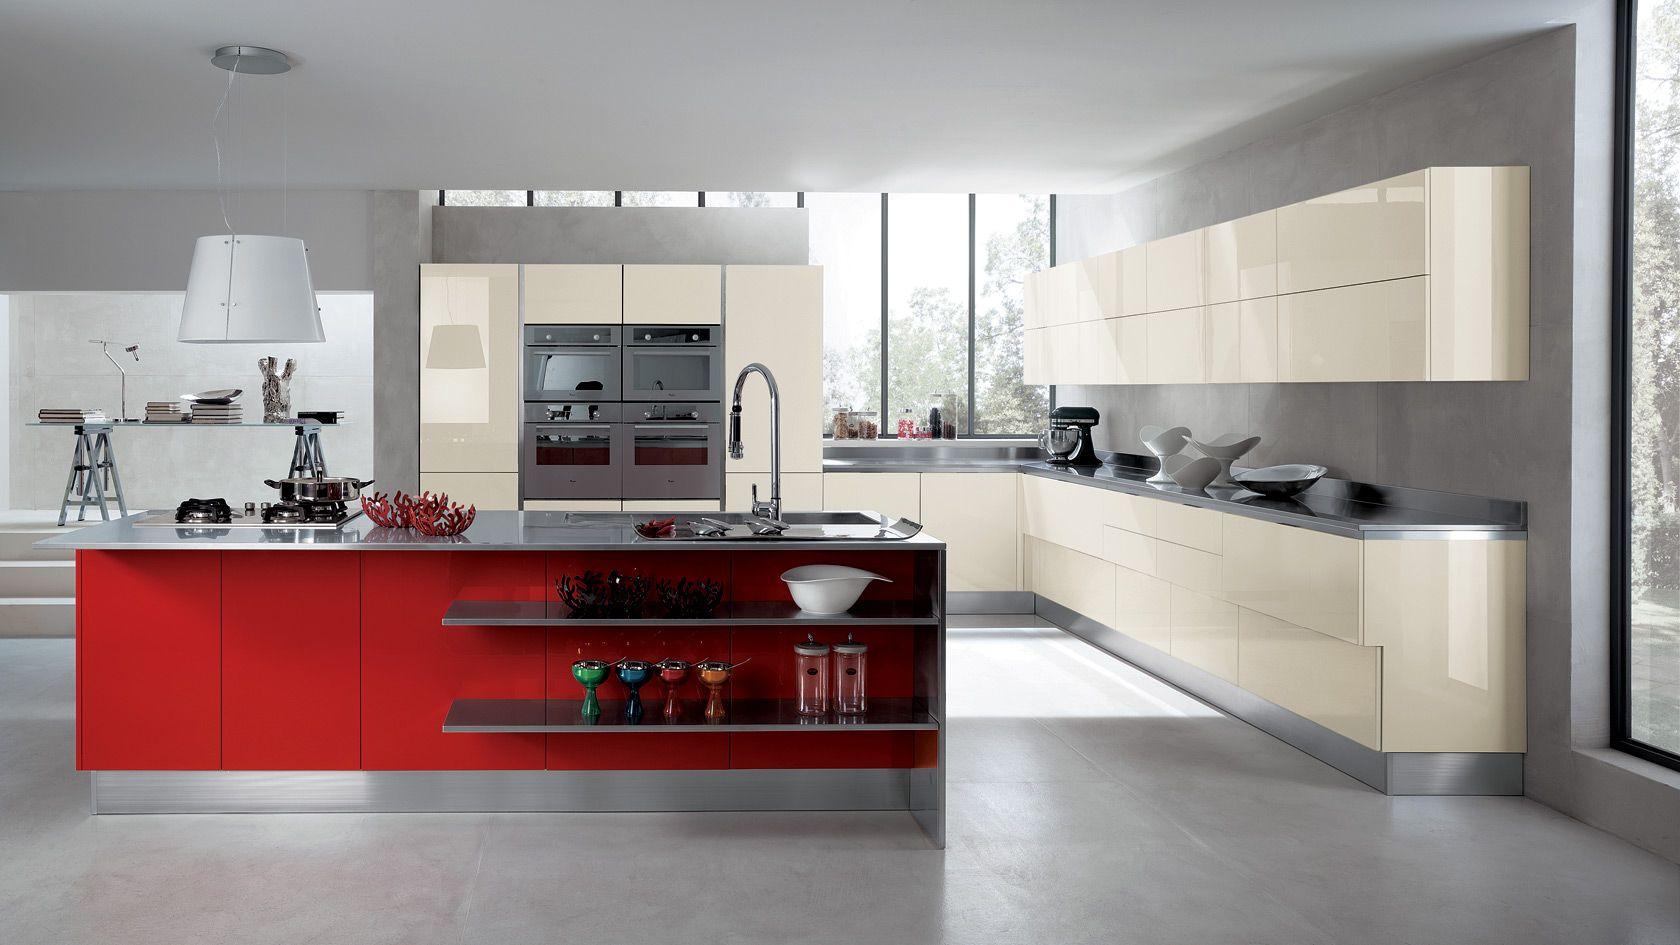 Cuisine Mood Scavolini | kitchen ideas | Pinterest | Cucine, Cucine ...